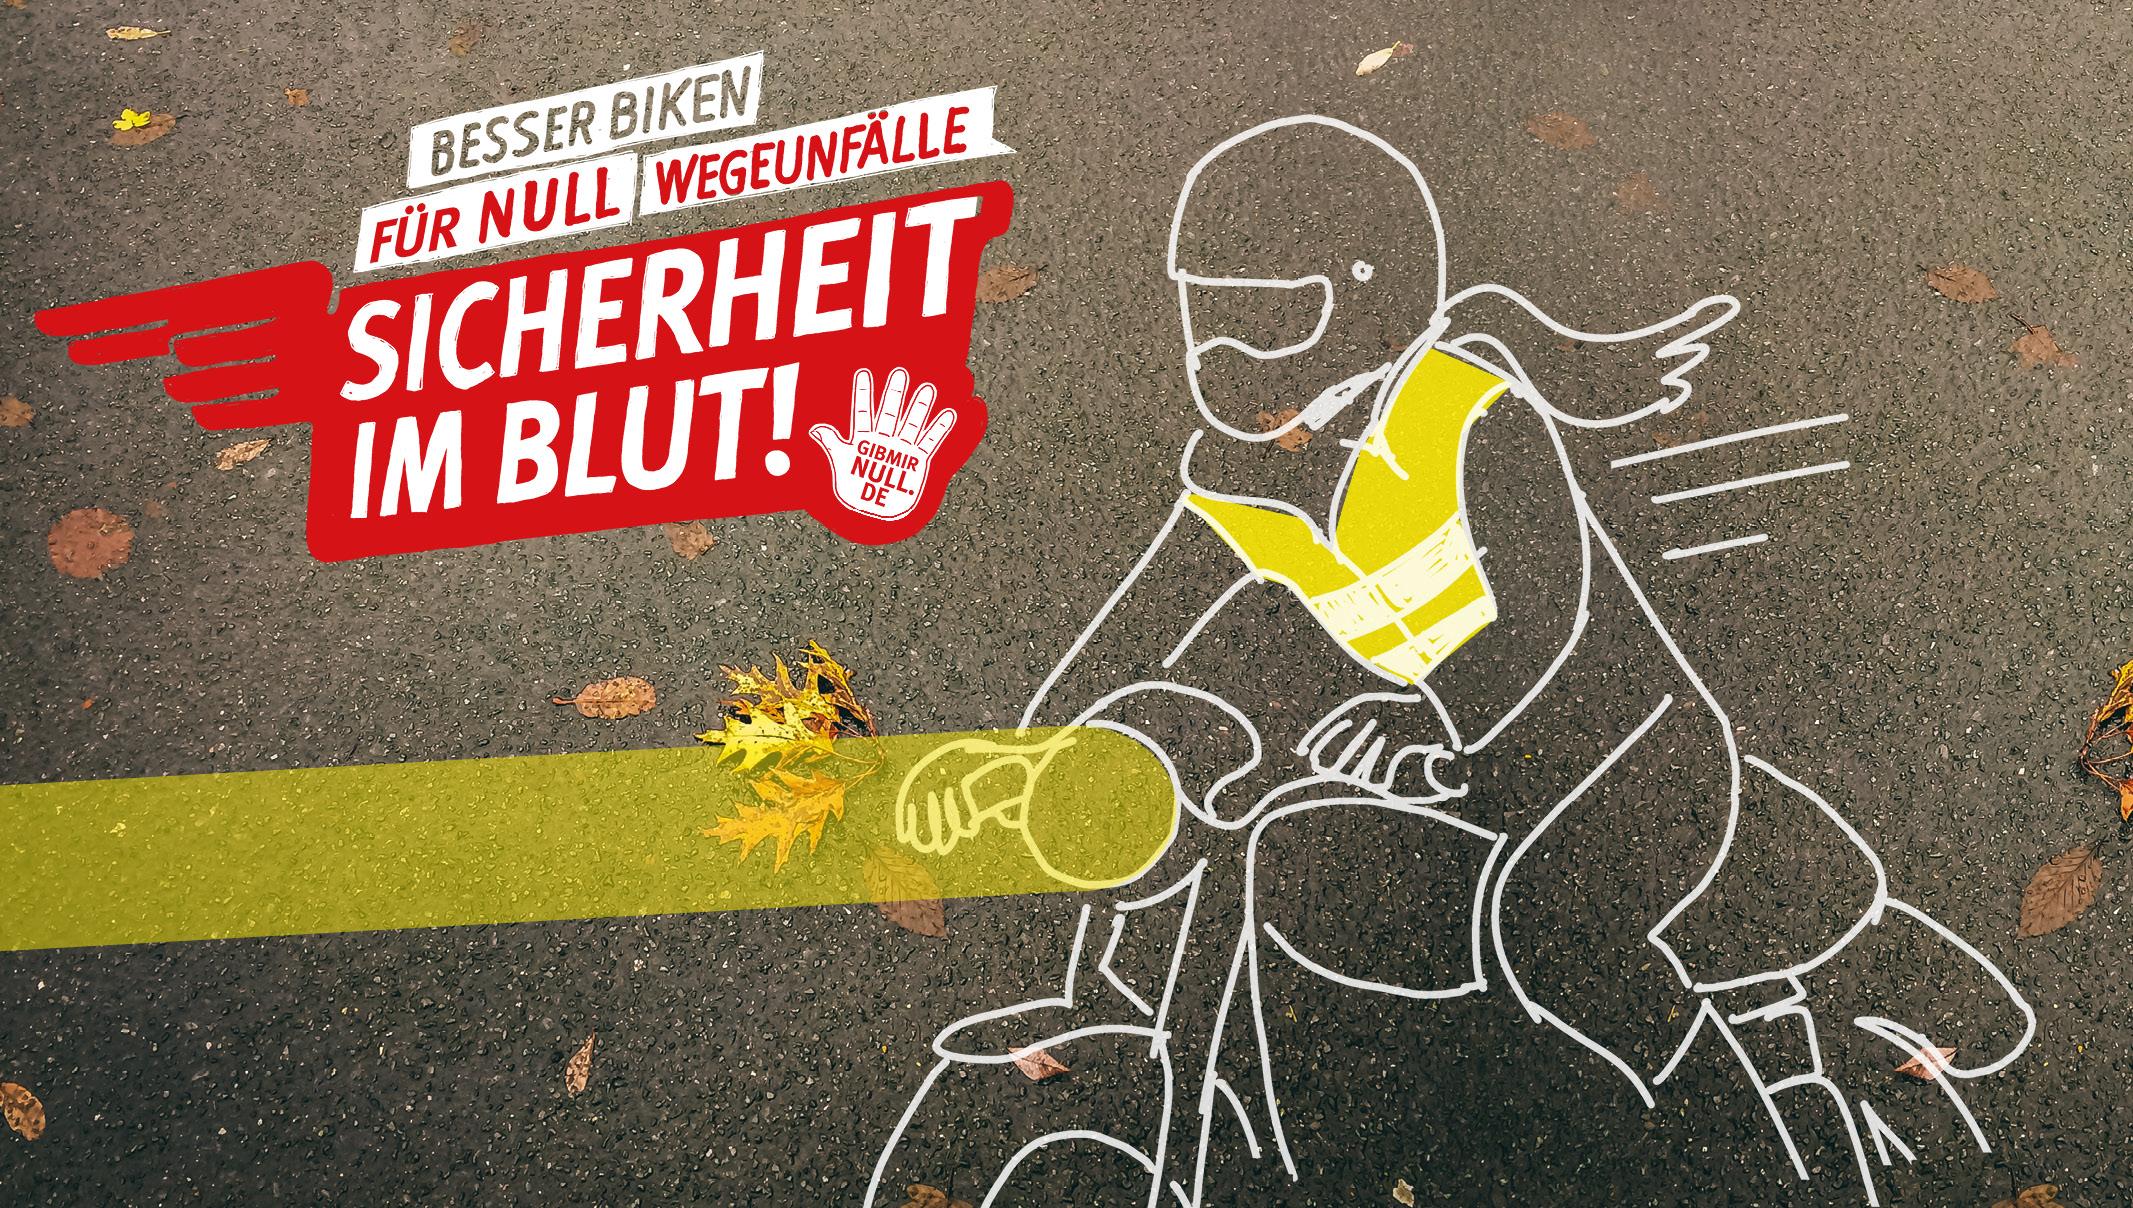 Besser biken für null Wegeunfälle. Sicherheit im Blut